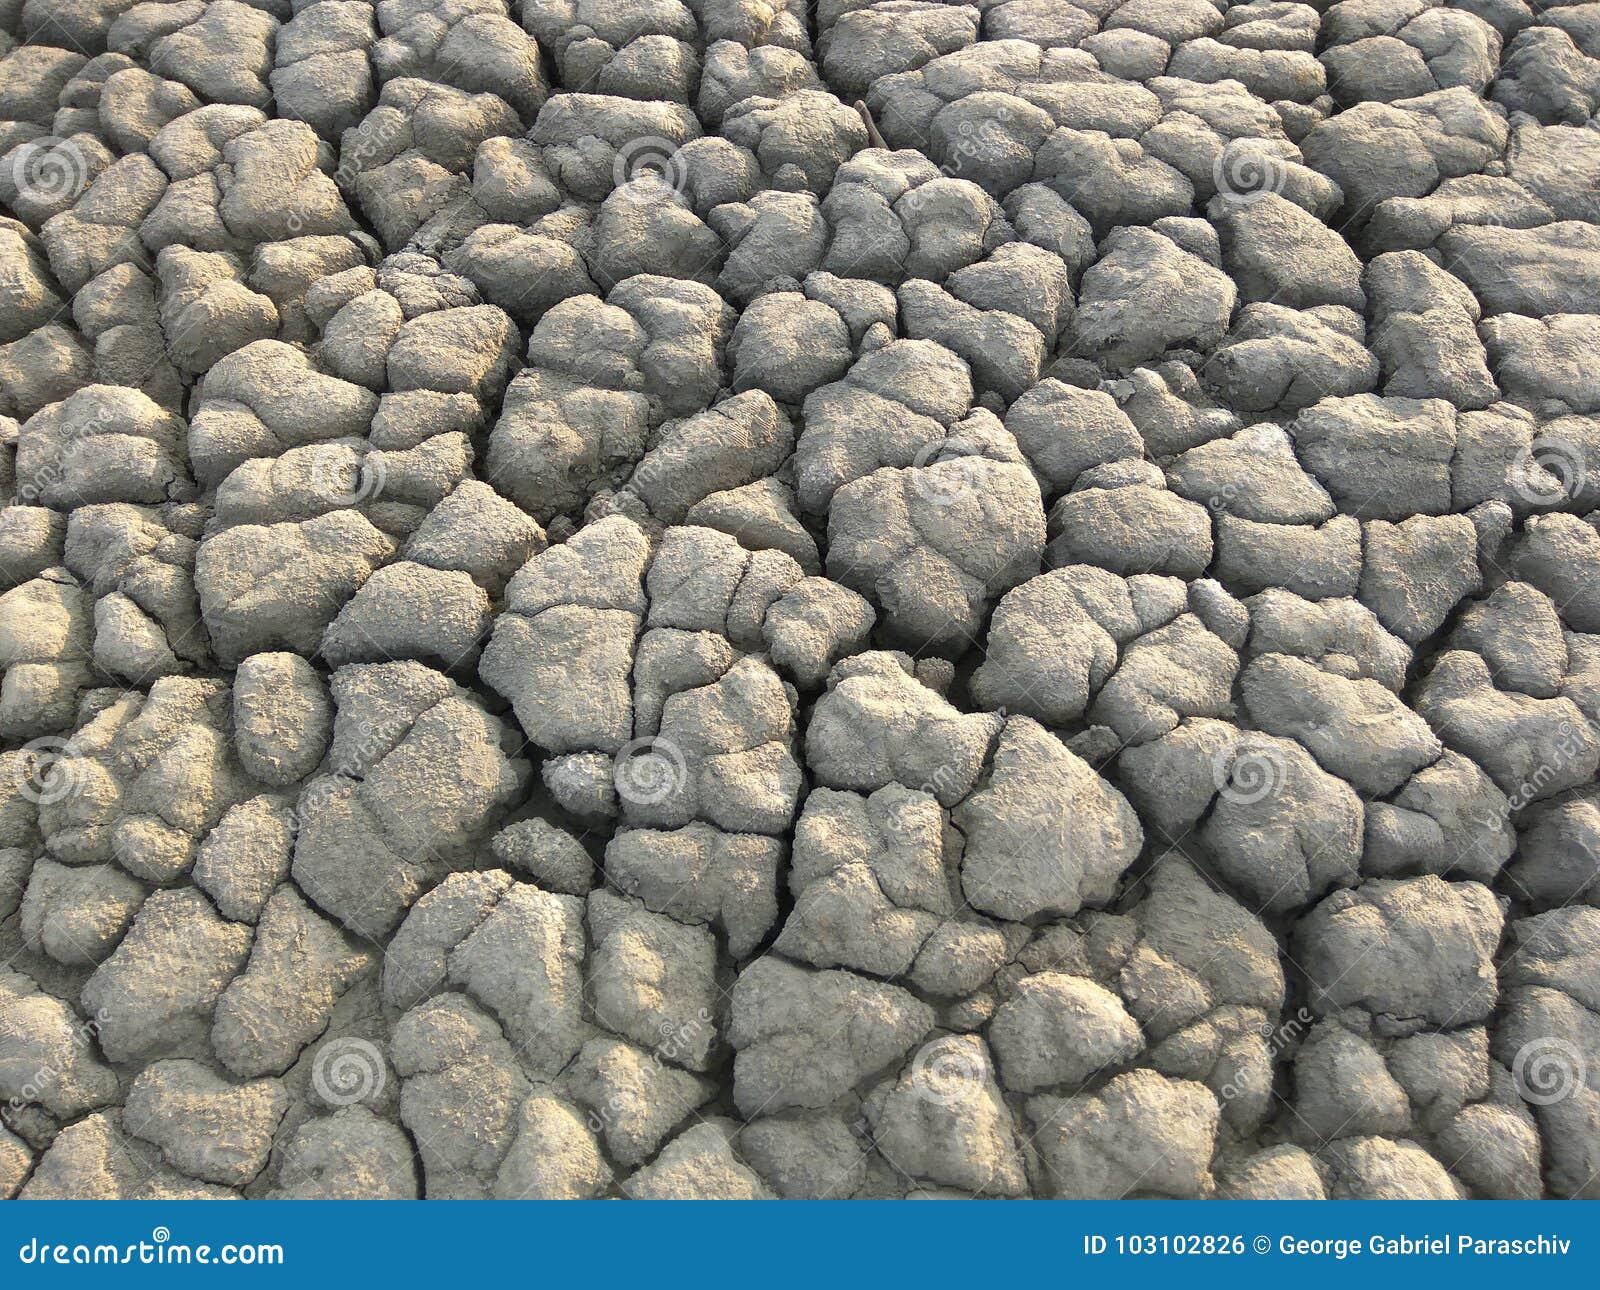 Textura del fango seco cerca del volcán fangoso